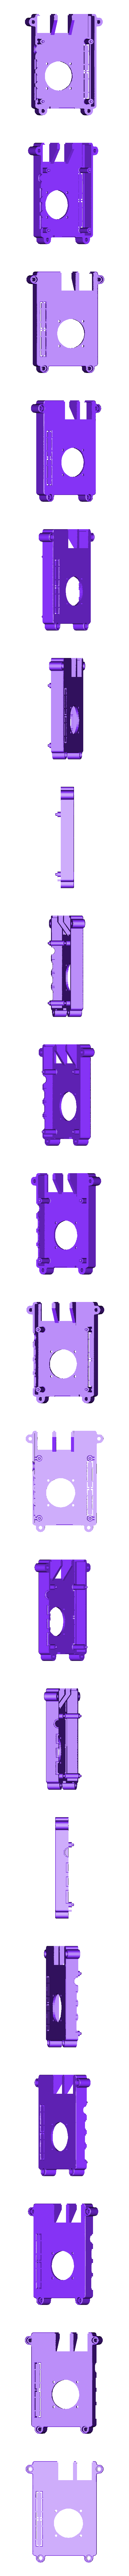 STANDARD_30MM_BLANK.STL Télécharger fichier STL gratuit Étui Pi 4B Framboise Framboise • Objet pour imprimante 3D, mkellsy